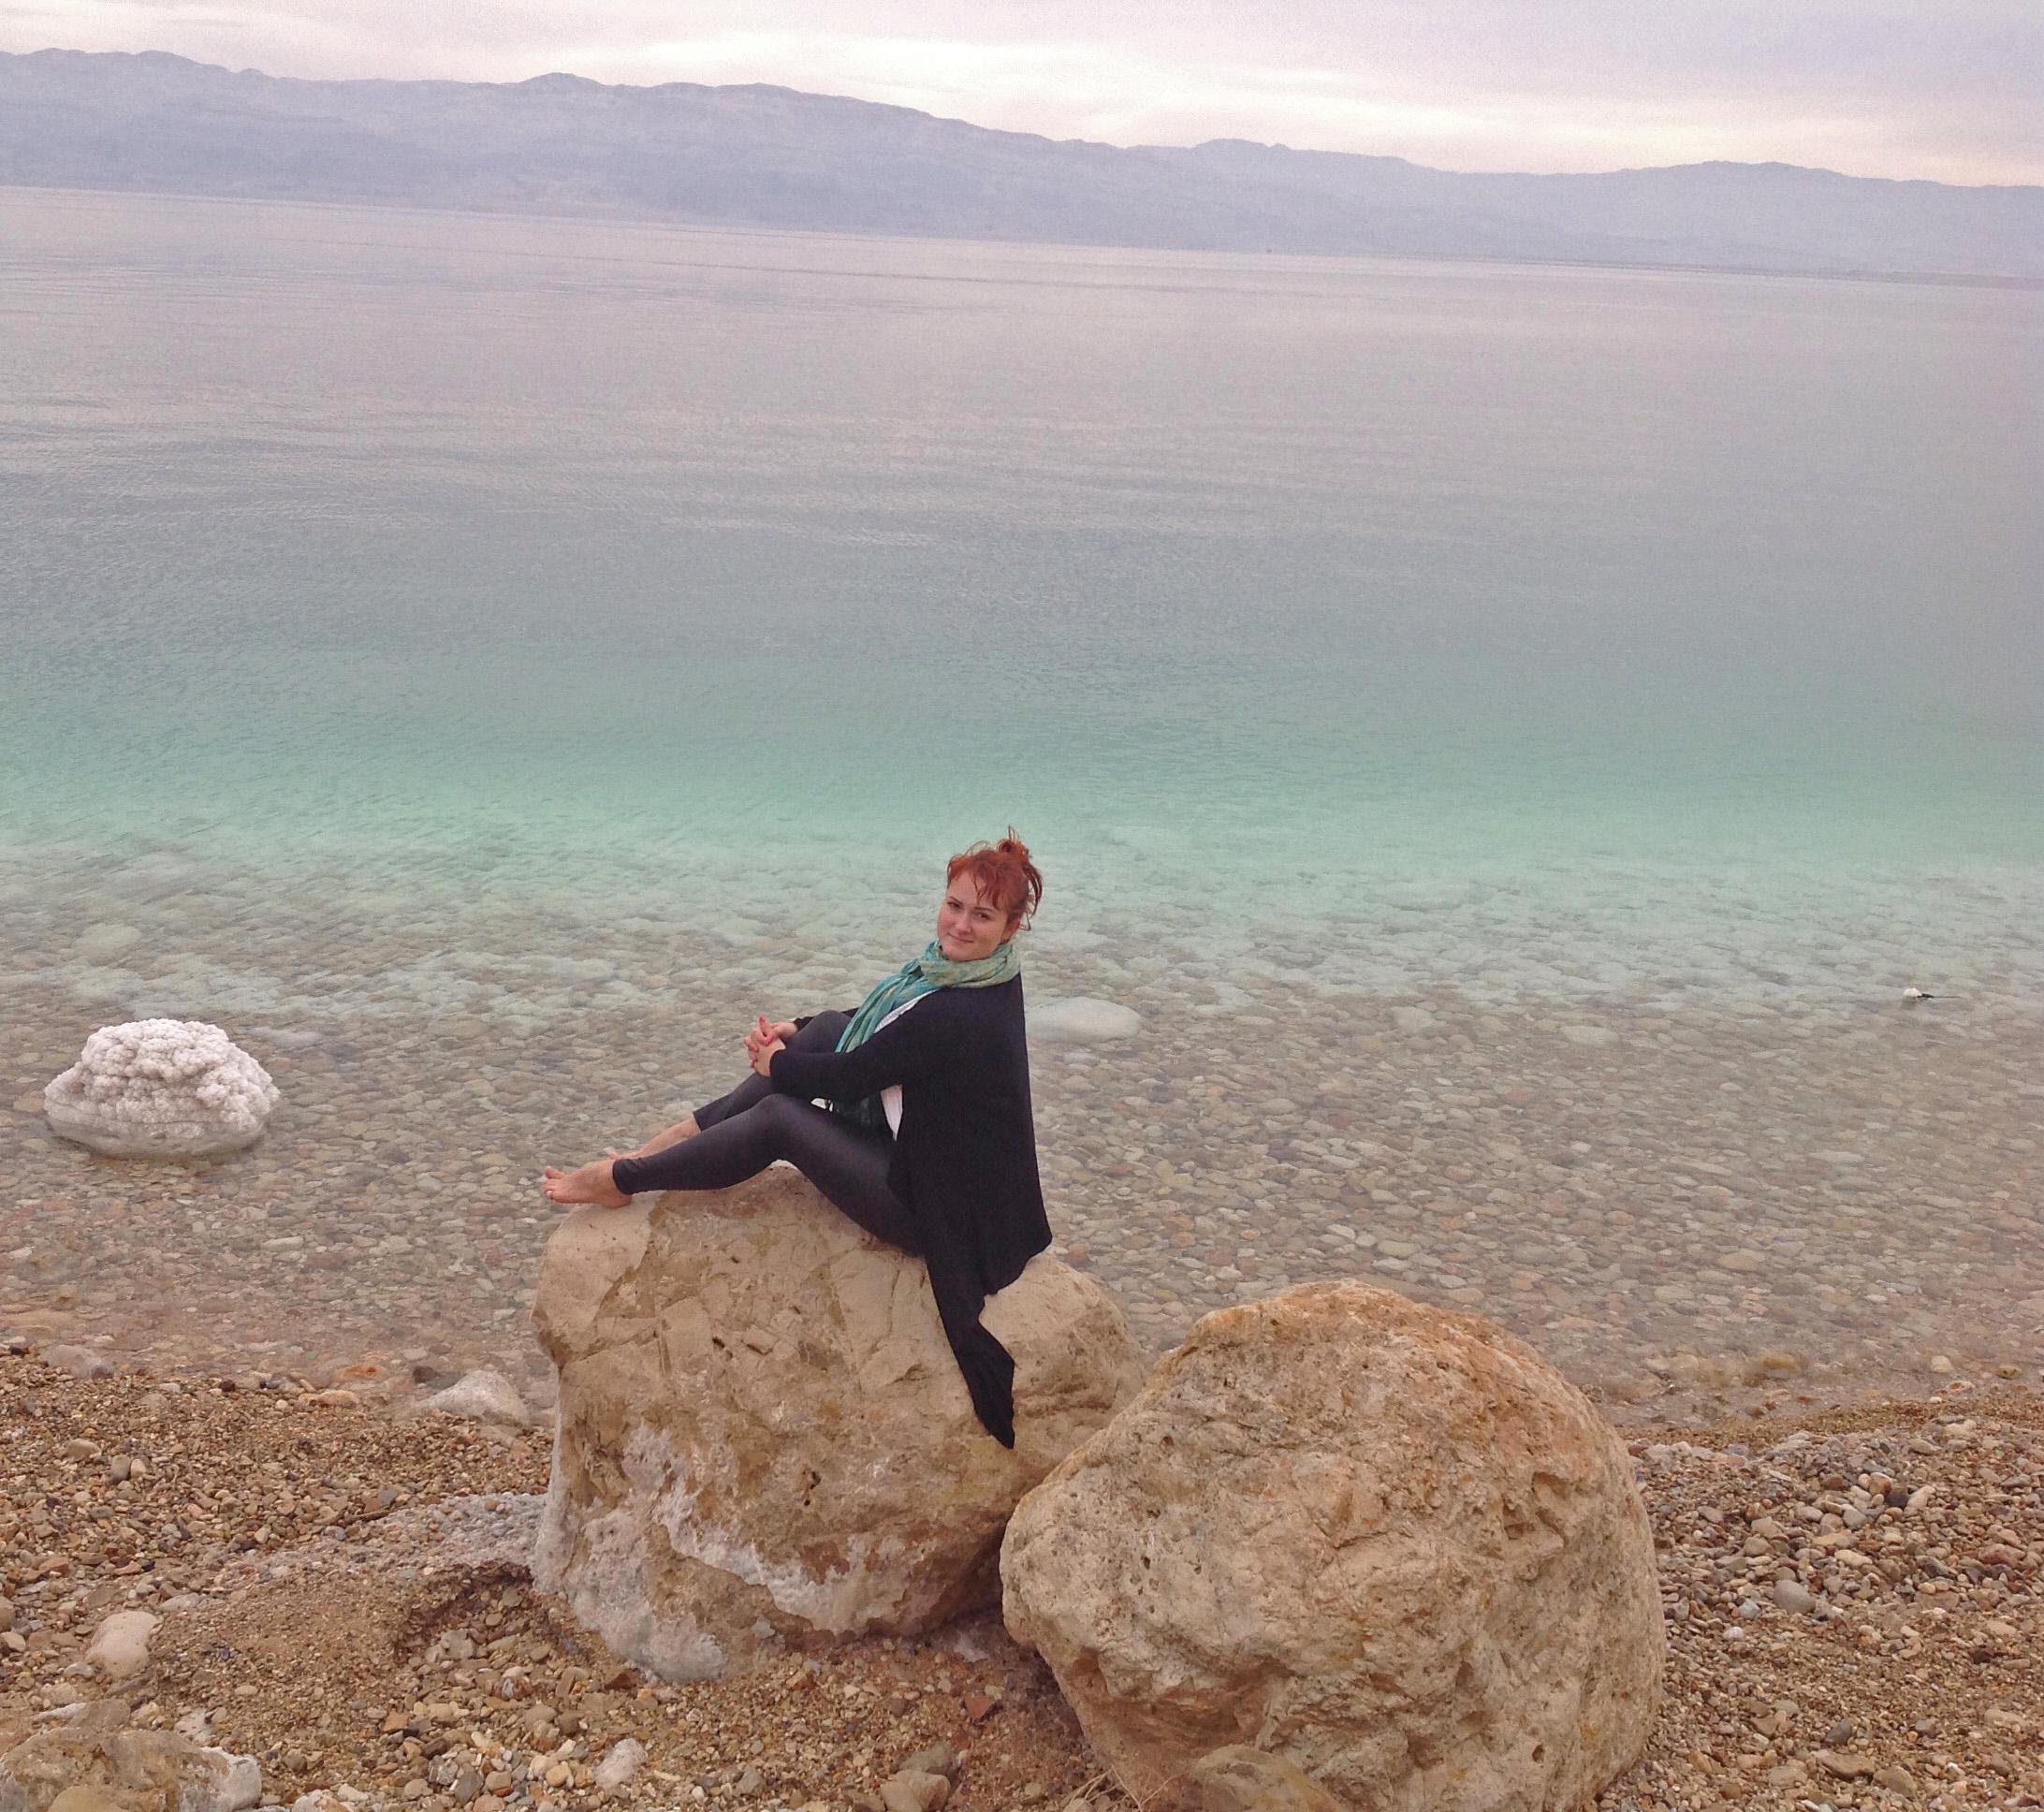 Евгения Пудикова. Мертвое море